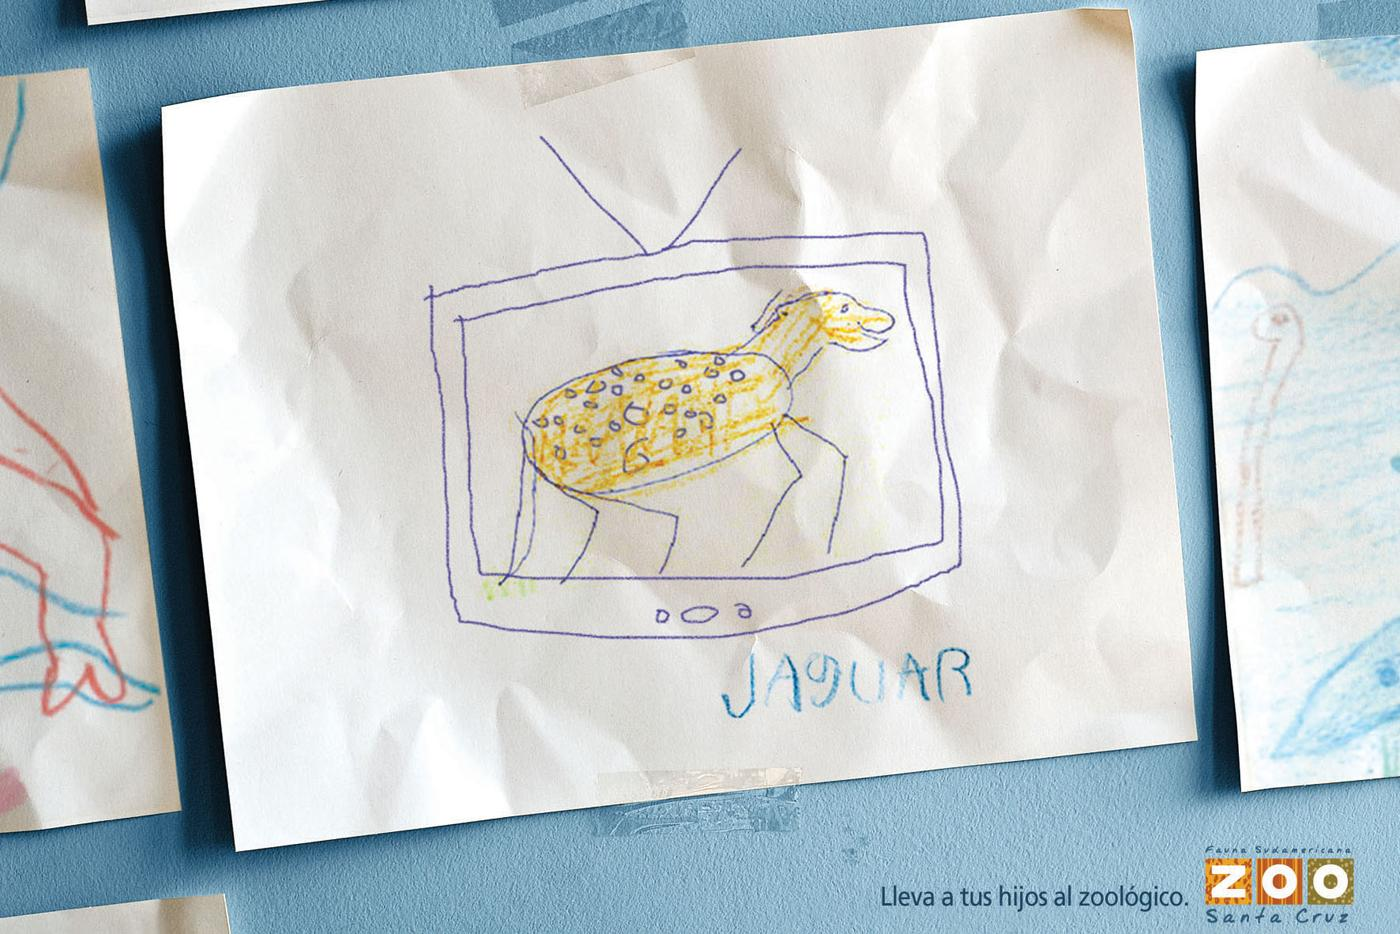 Santa Cruz Zoo Print Ad -  Jaguar